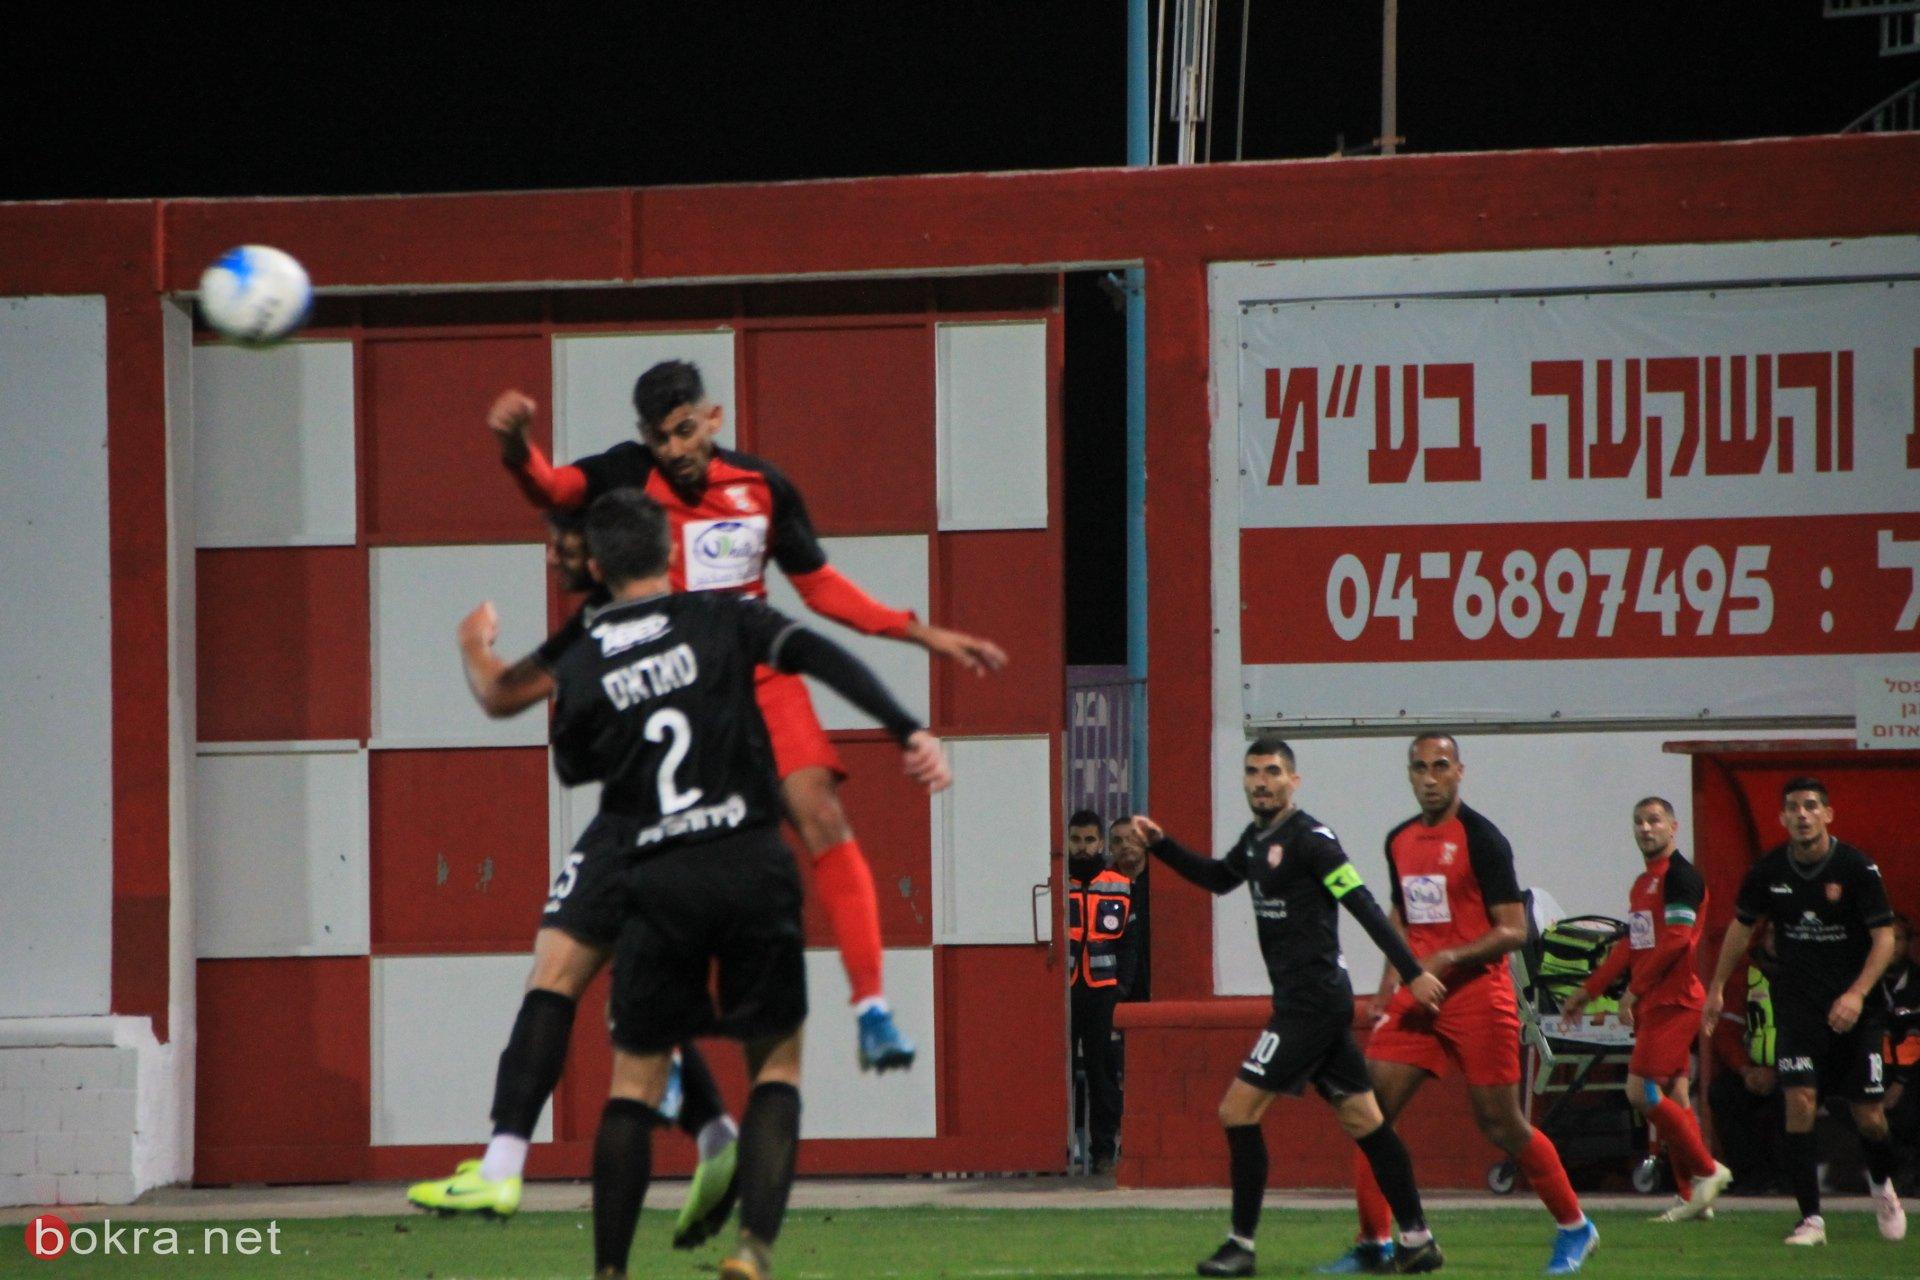 ديربي العرب بين ام الفحم وسخنين ينتهي بالتعادل (1-1)